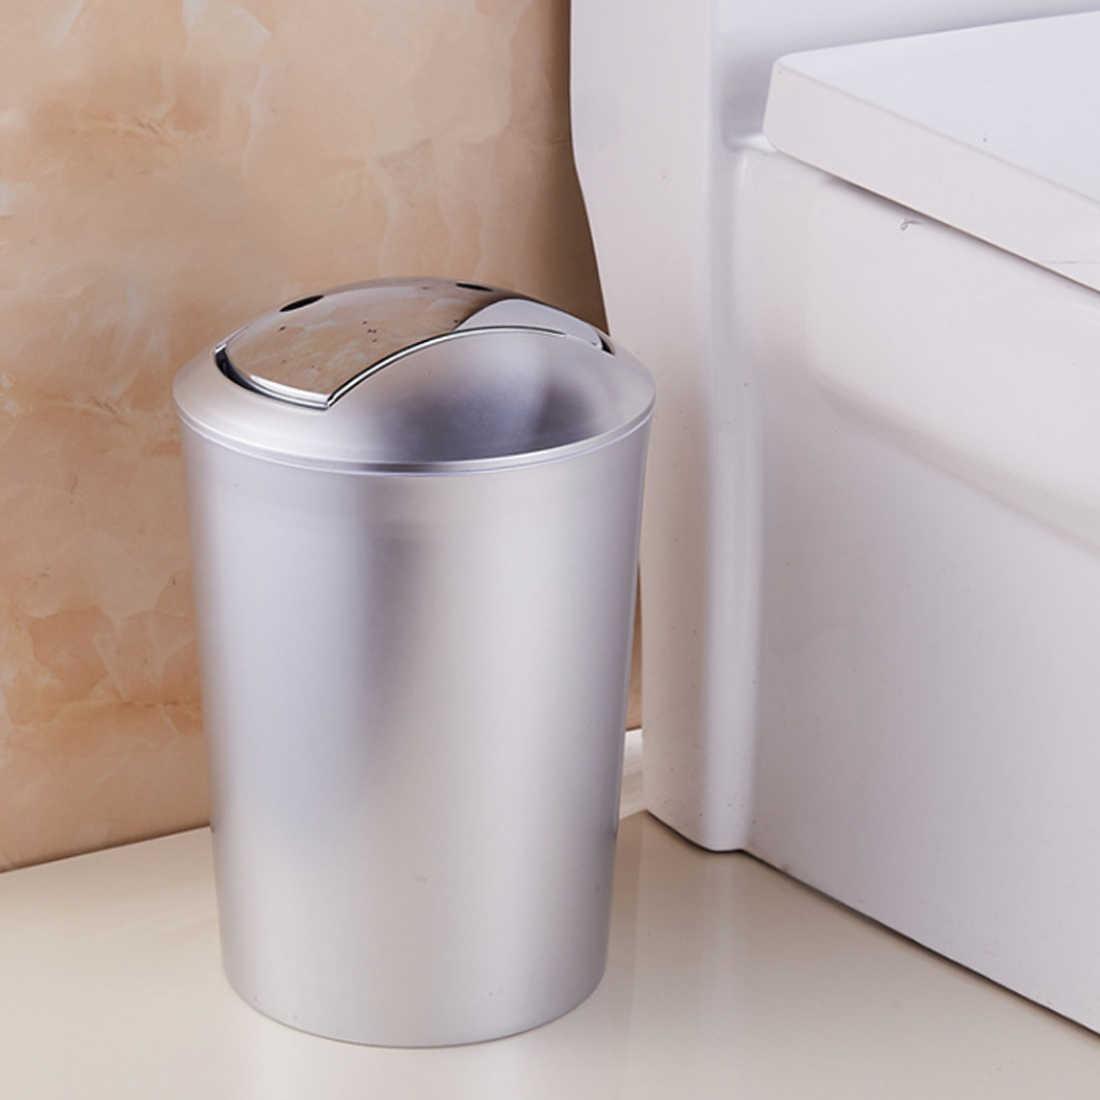 ... HIPSTEEN 6.5L Thicken Bathroom Garbage European Style Trash Wastebin  With Lid Kitchen Trash Cans Storage ...